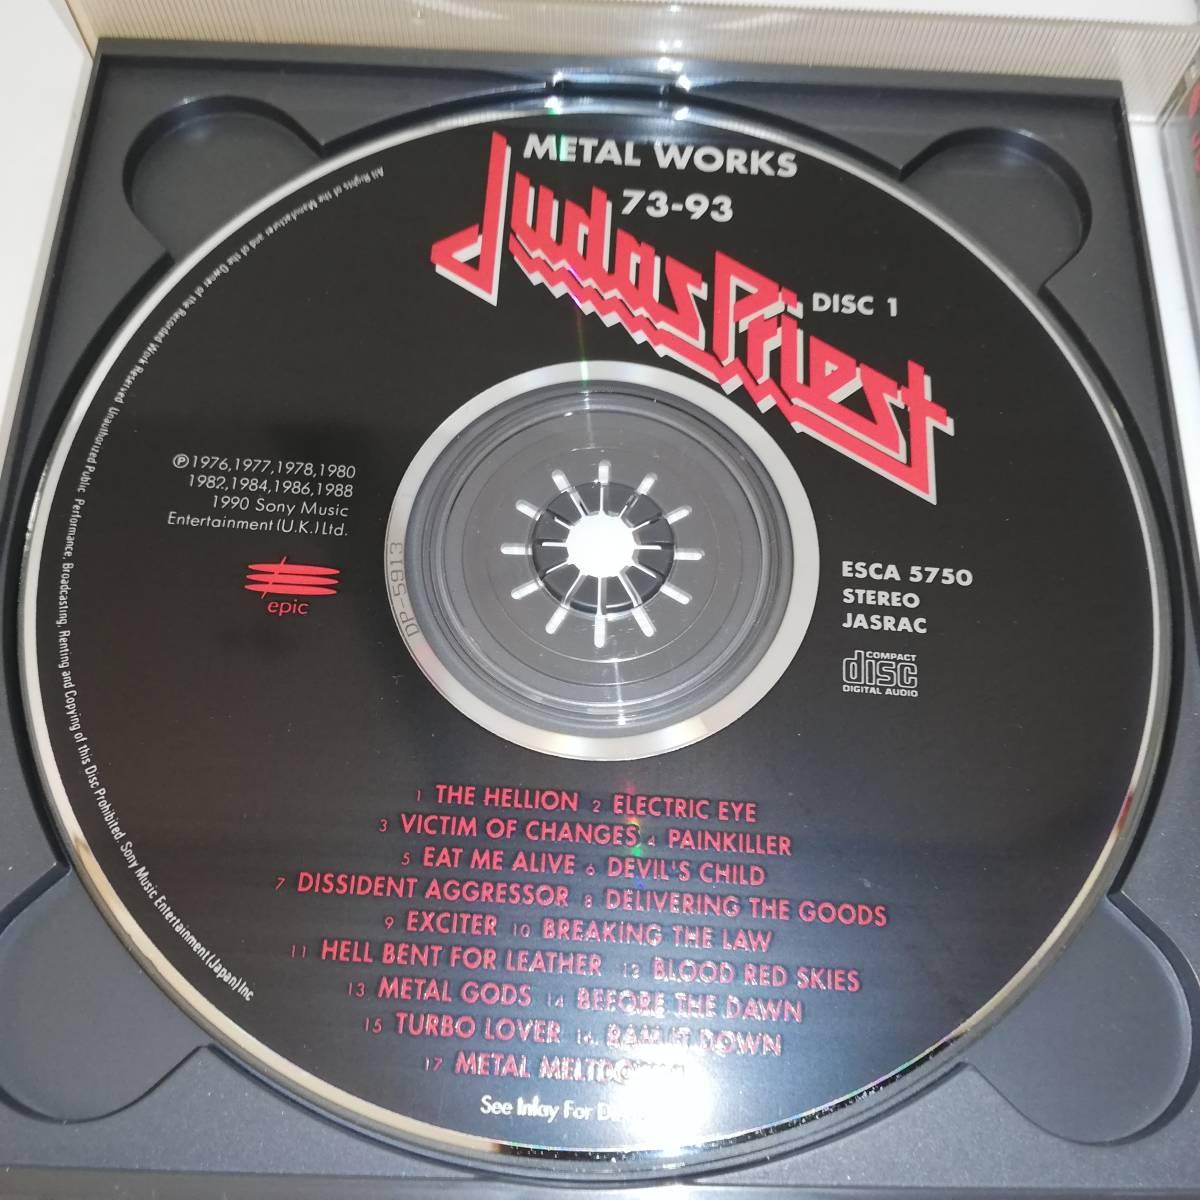 ◆JUDAS PRIEST METAL WORKS 73-93 ◆CD2枚組 ◆ジューダス・プリースト